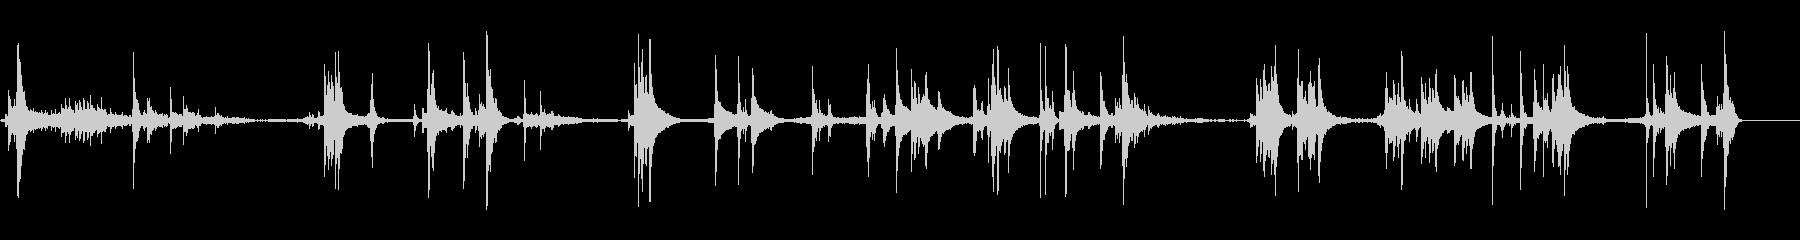 ピンボールマシン;フリッパーの有無...の未再生の波形